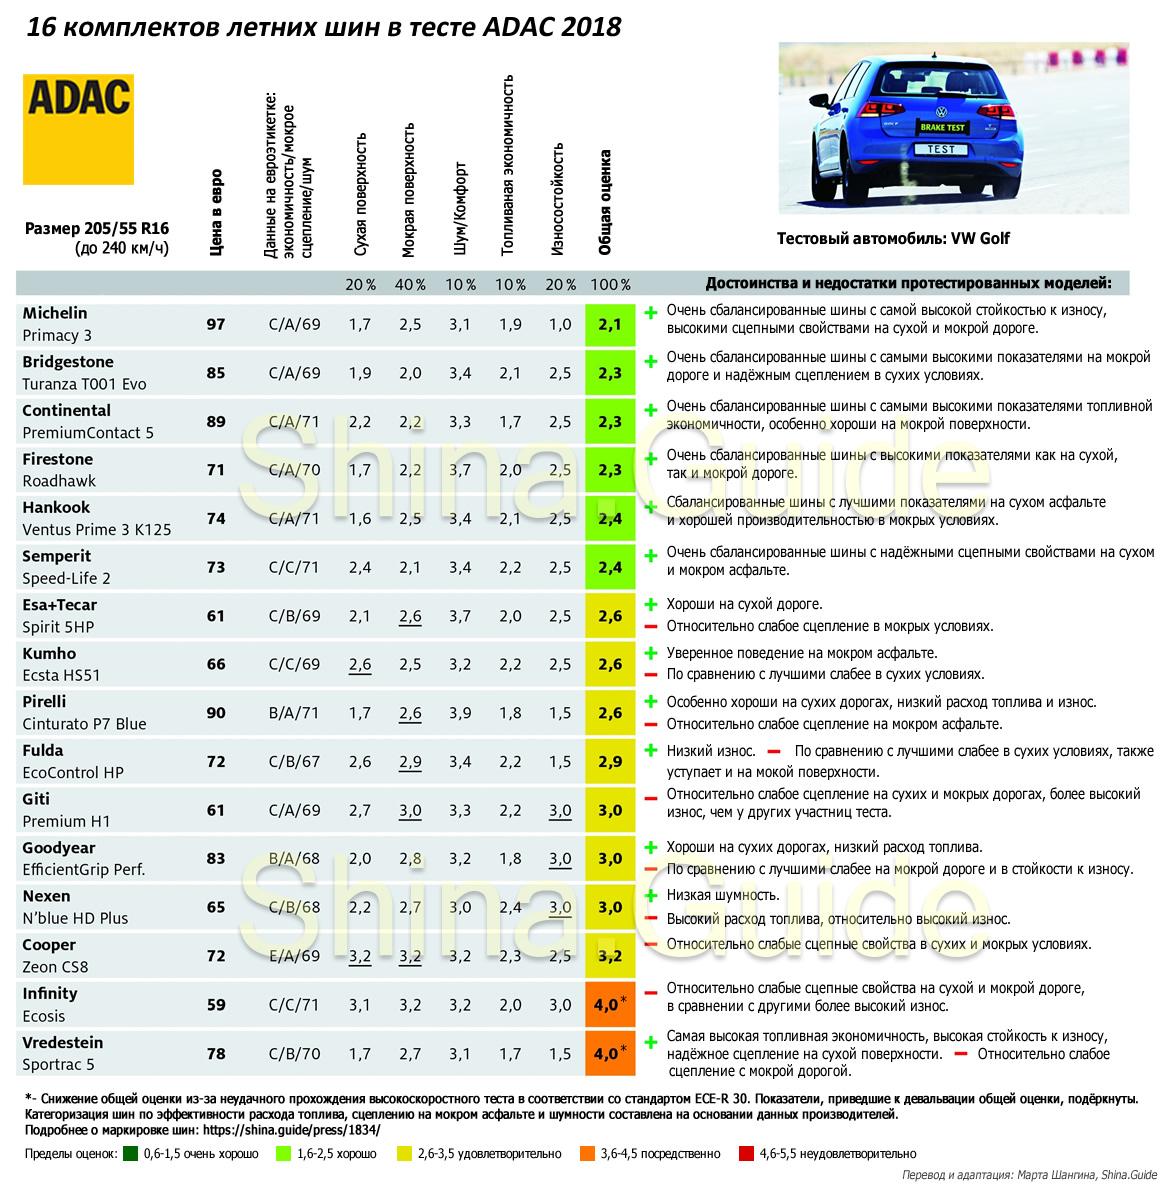 Результаты теста ADAC 2018 (летние шины 205/55 R16)